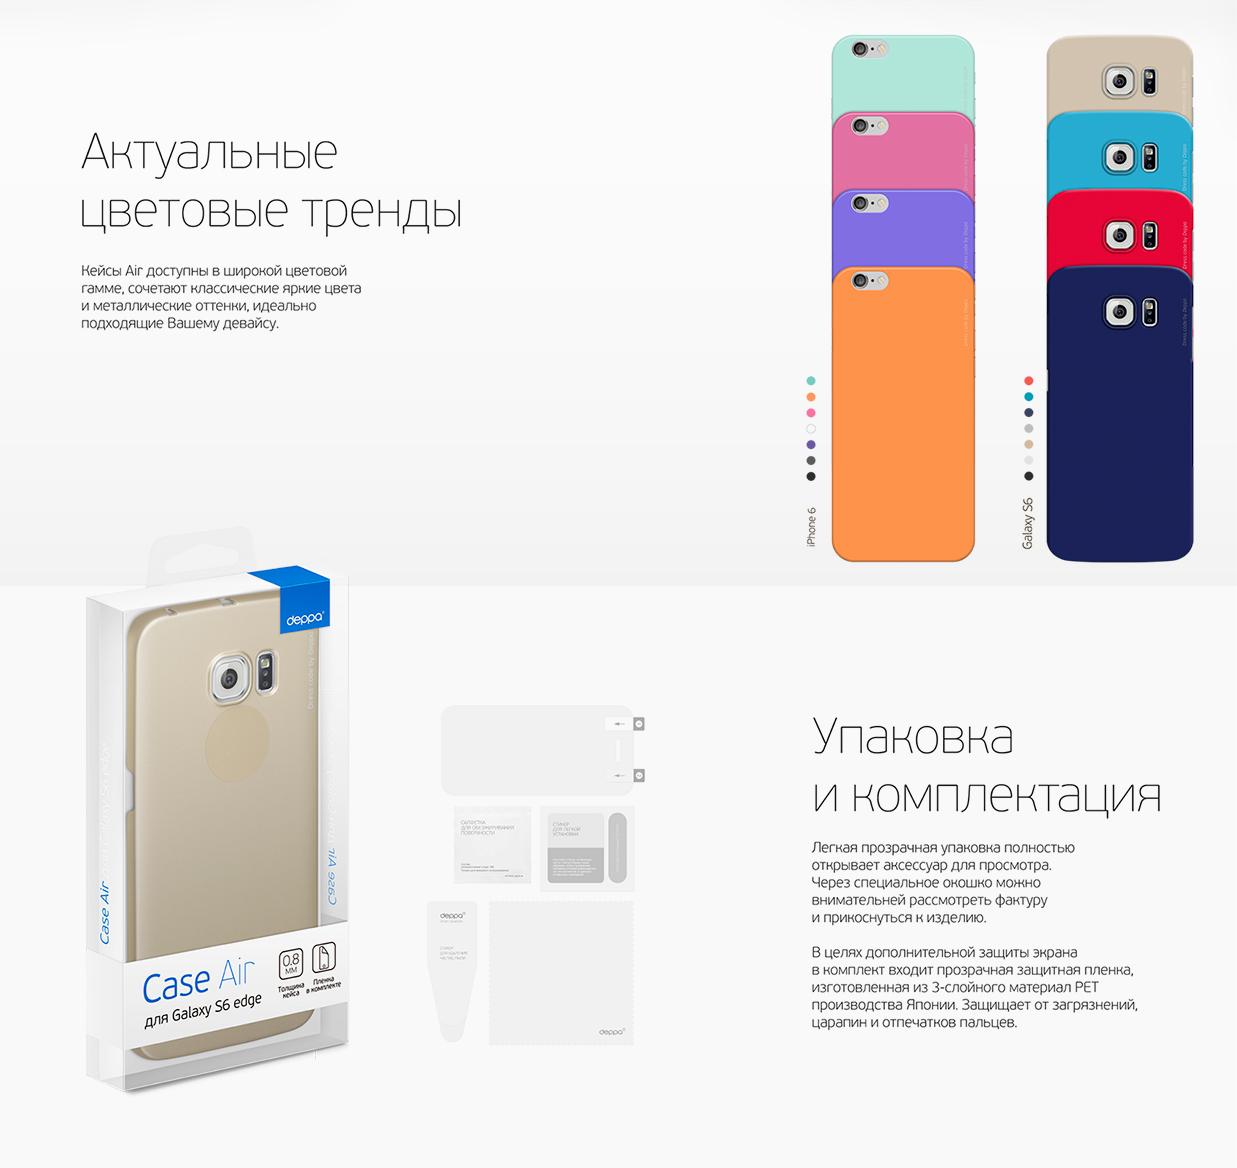 Чехол Air Case для Apple iPhone 6 Plus/6S Plus